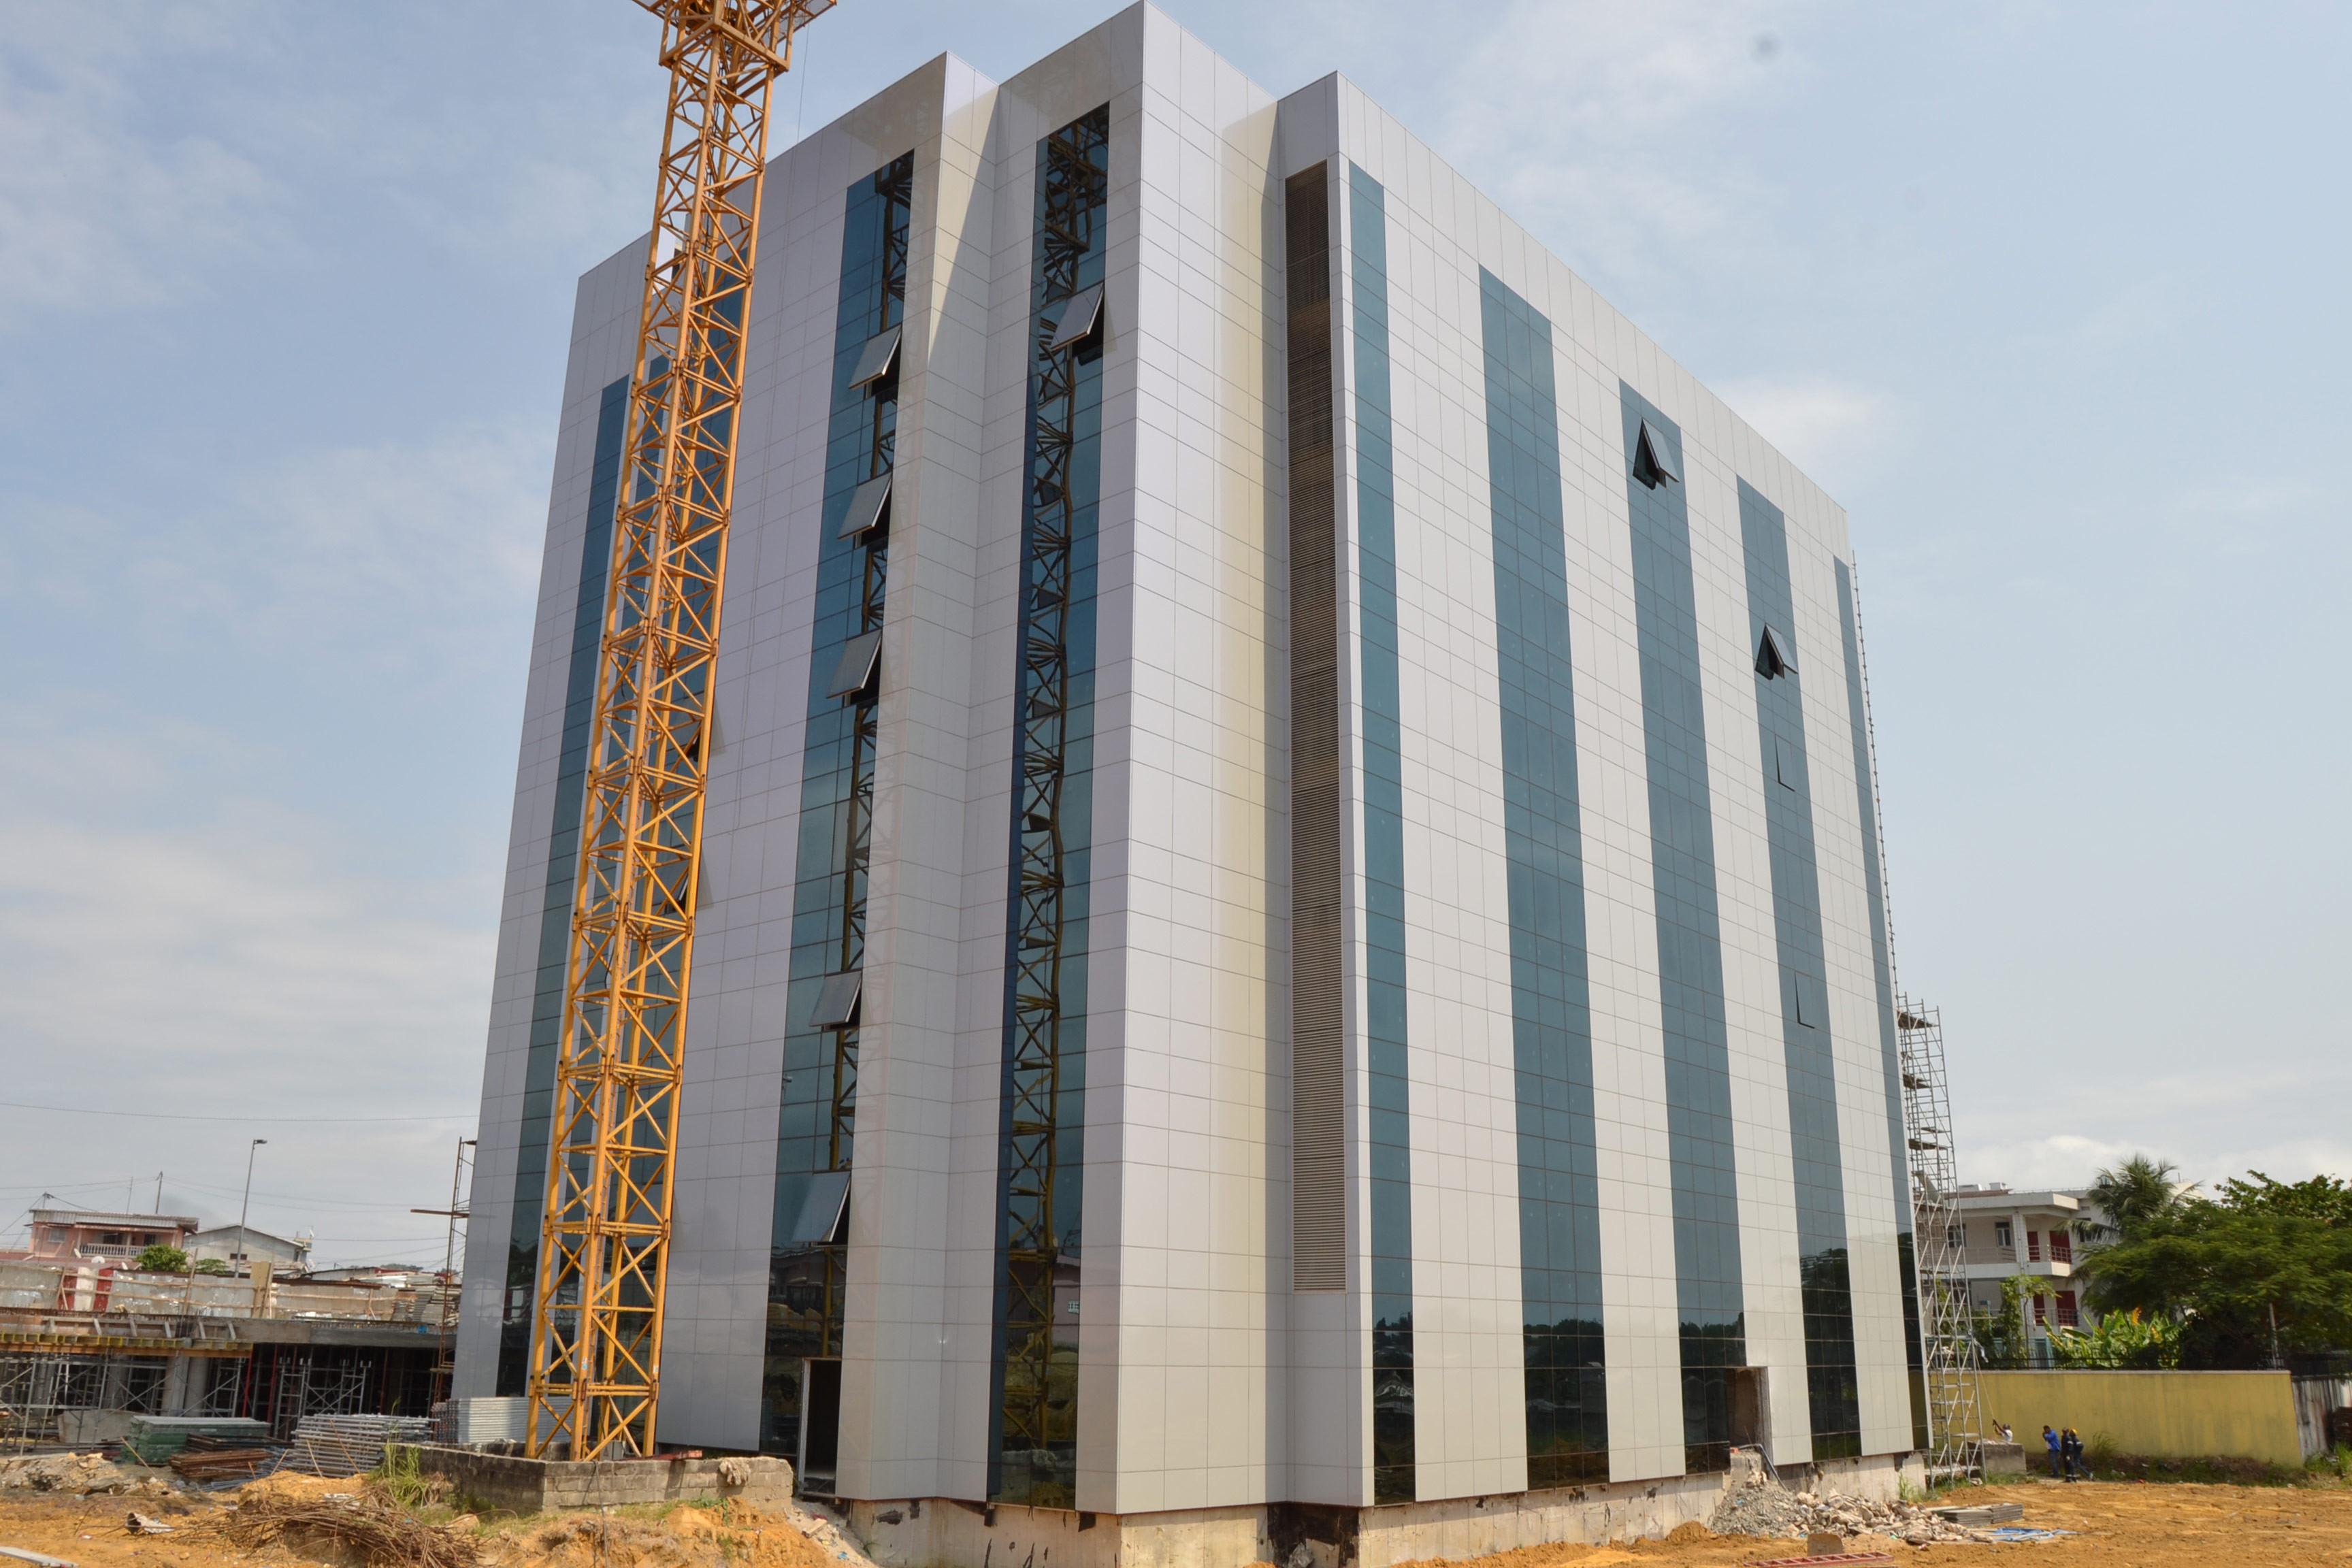 Caisse des Dépôts et Consignation du Gabon Headquarter